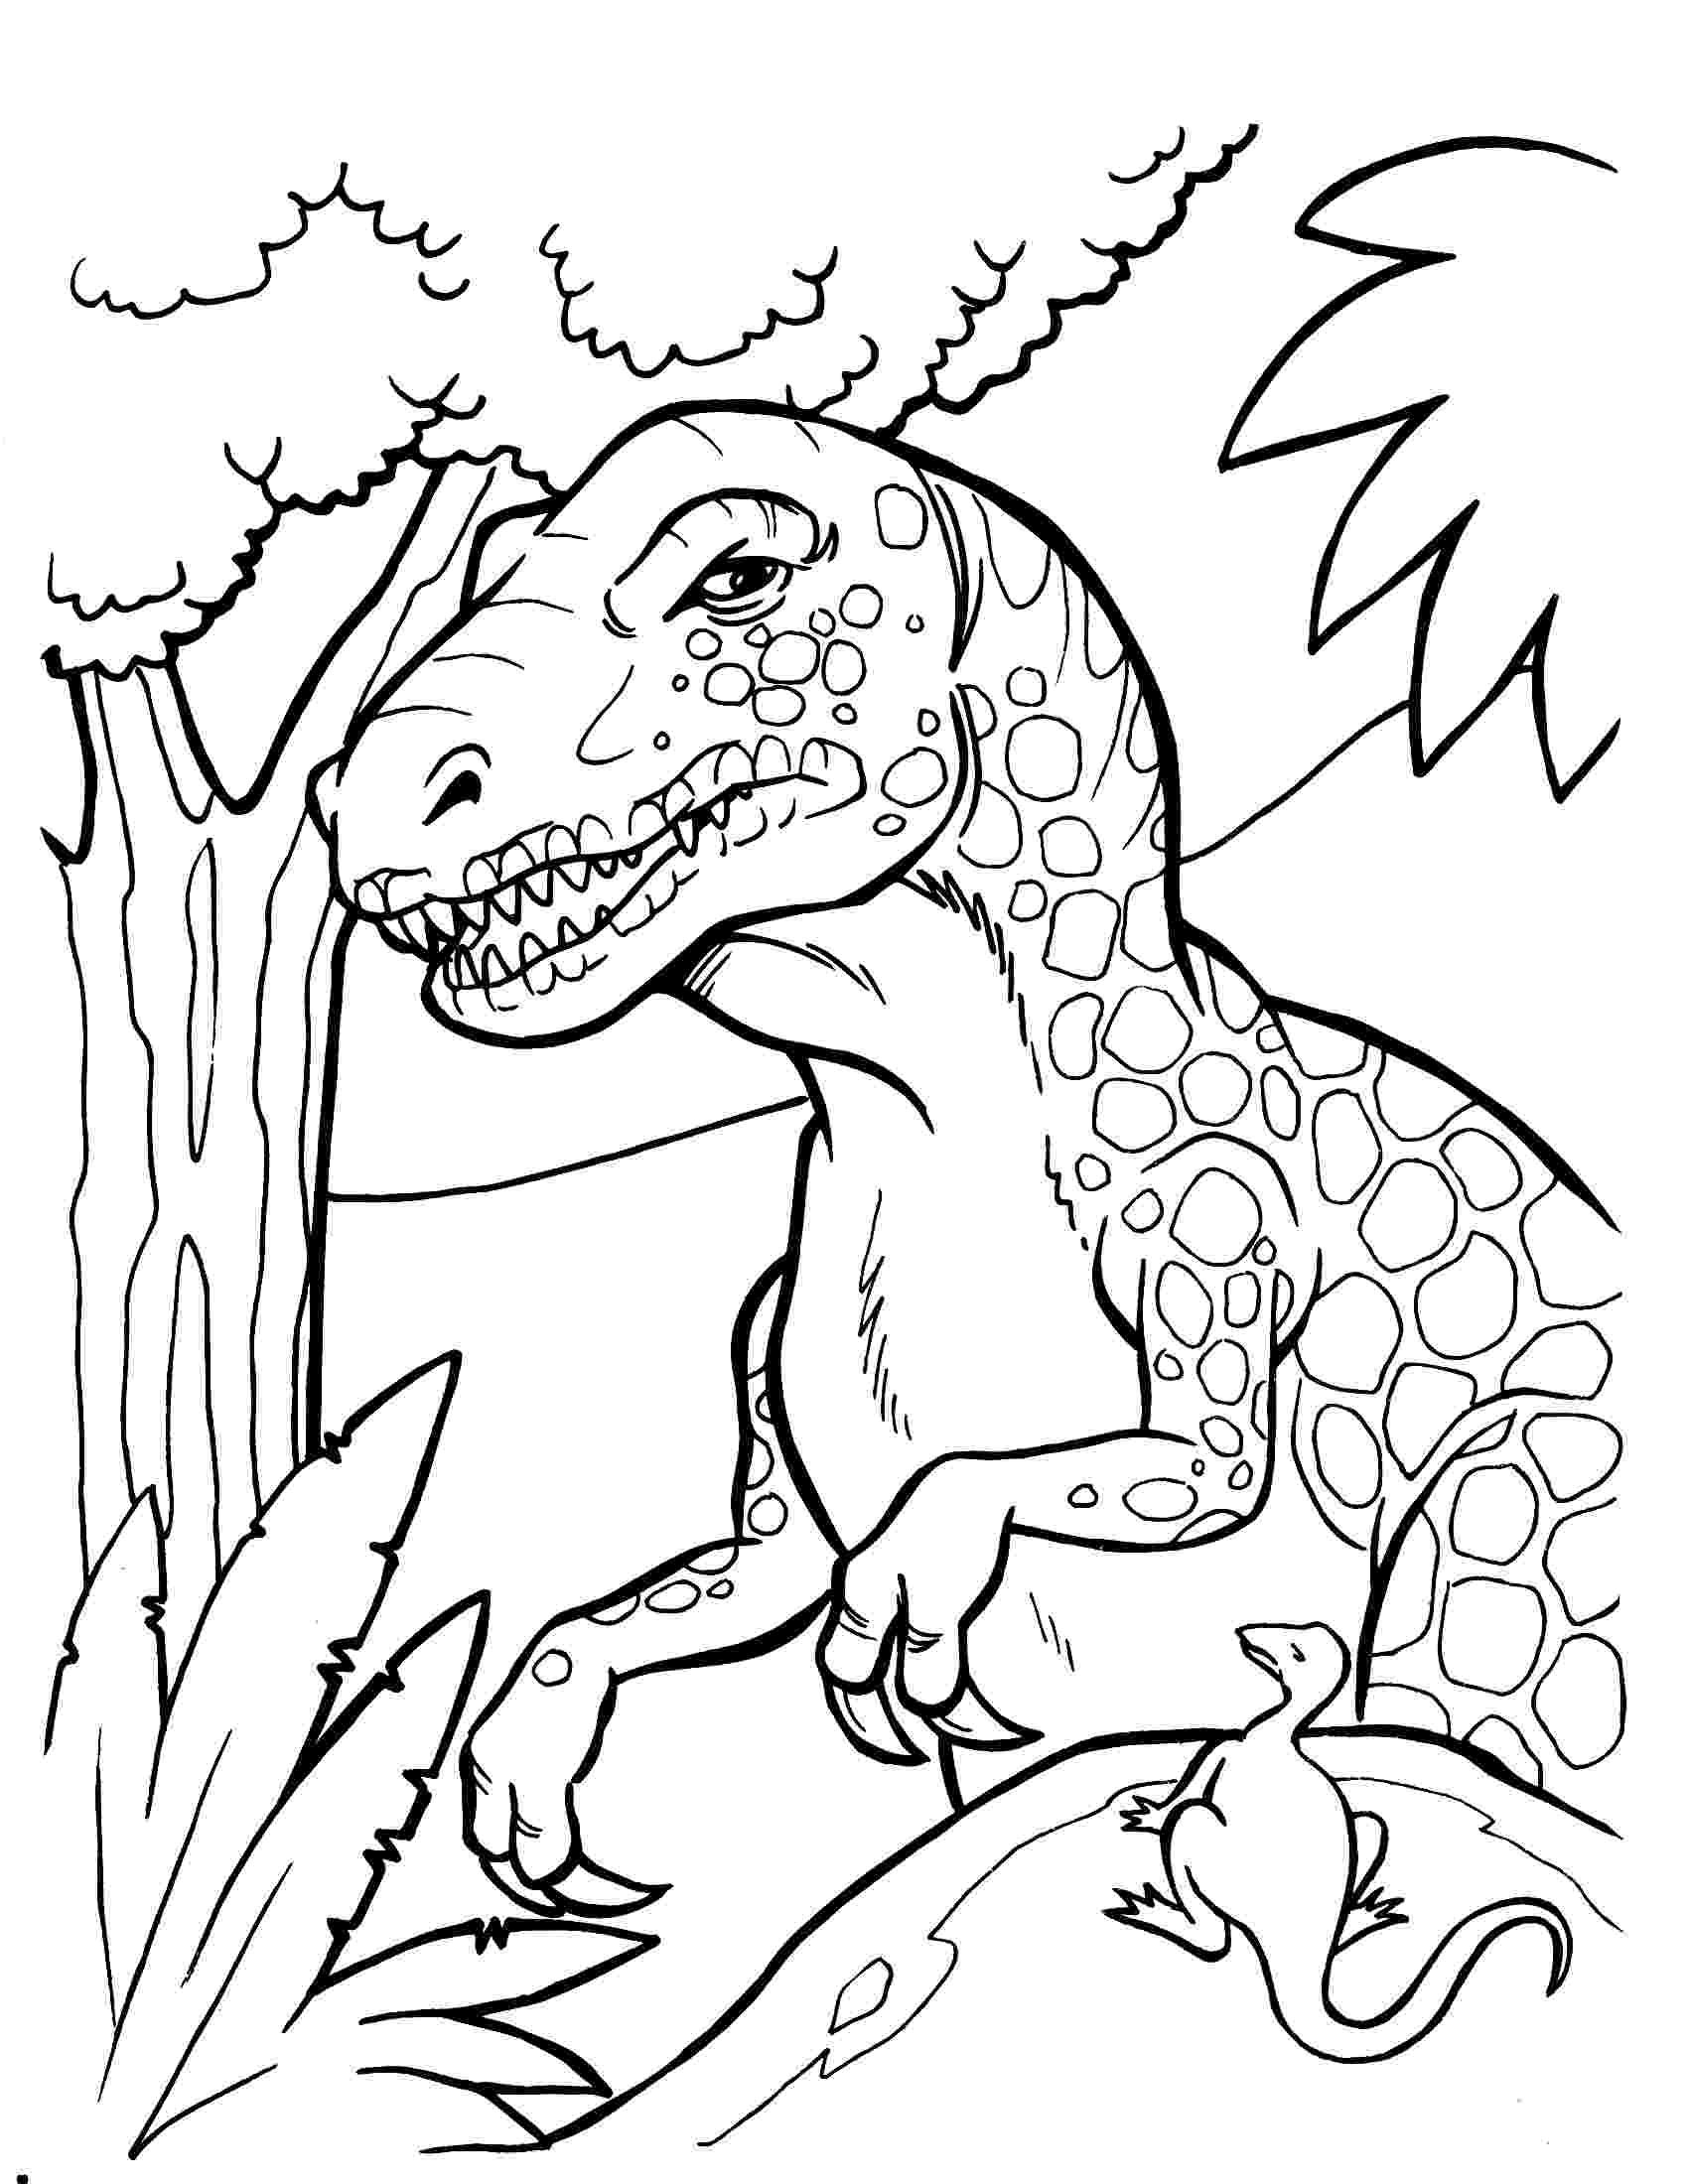 dinosuar coloring pages printable dinosaur coloring pages for kids cool2bkids pages coloring dinosuar